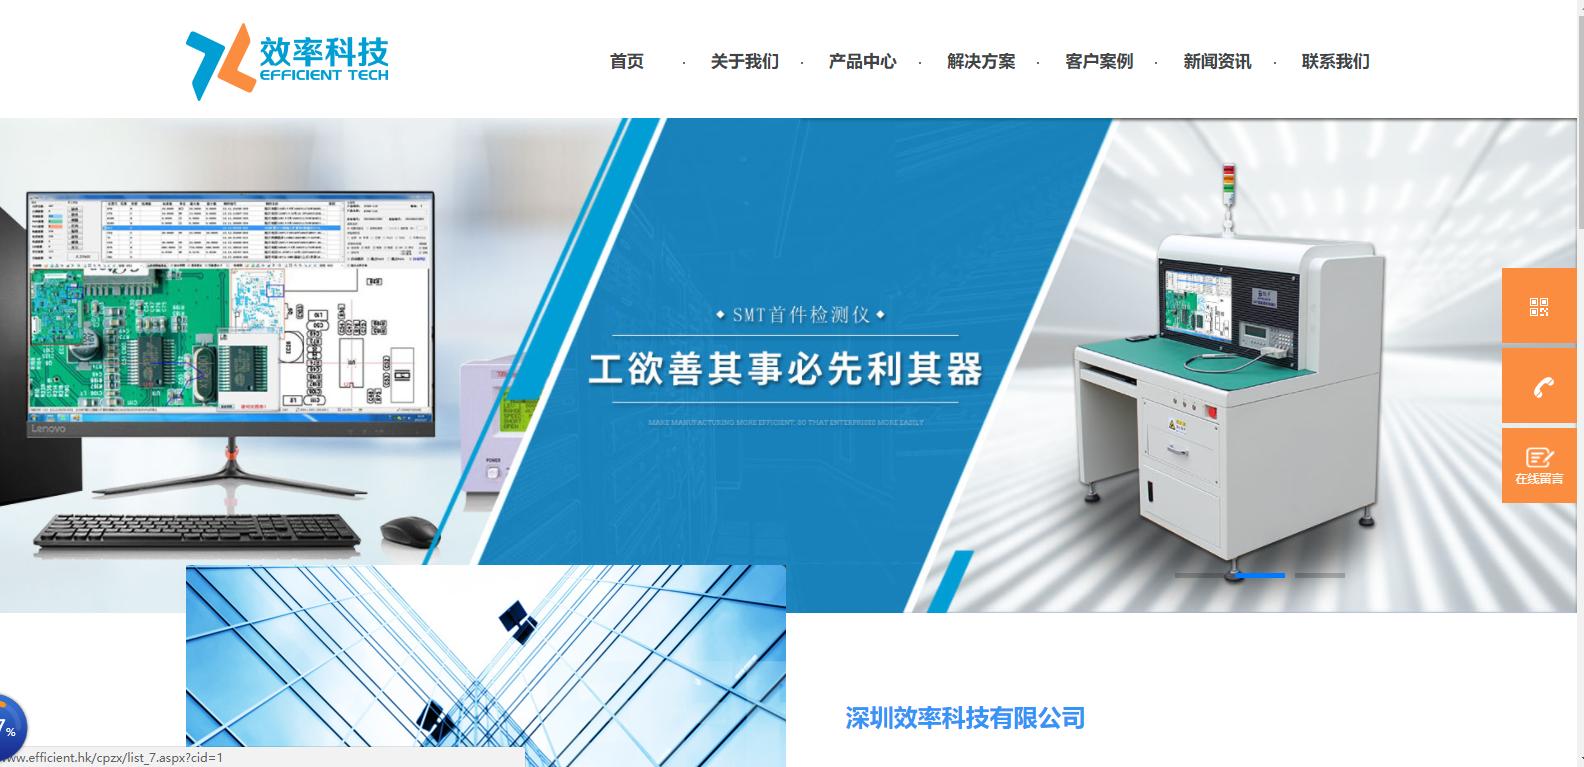 效率科技官网改版上线成功